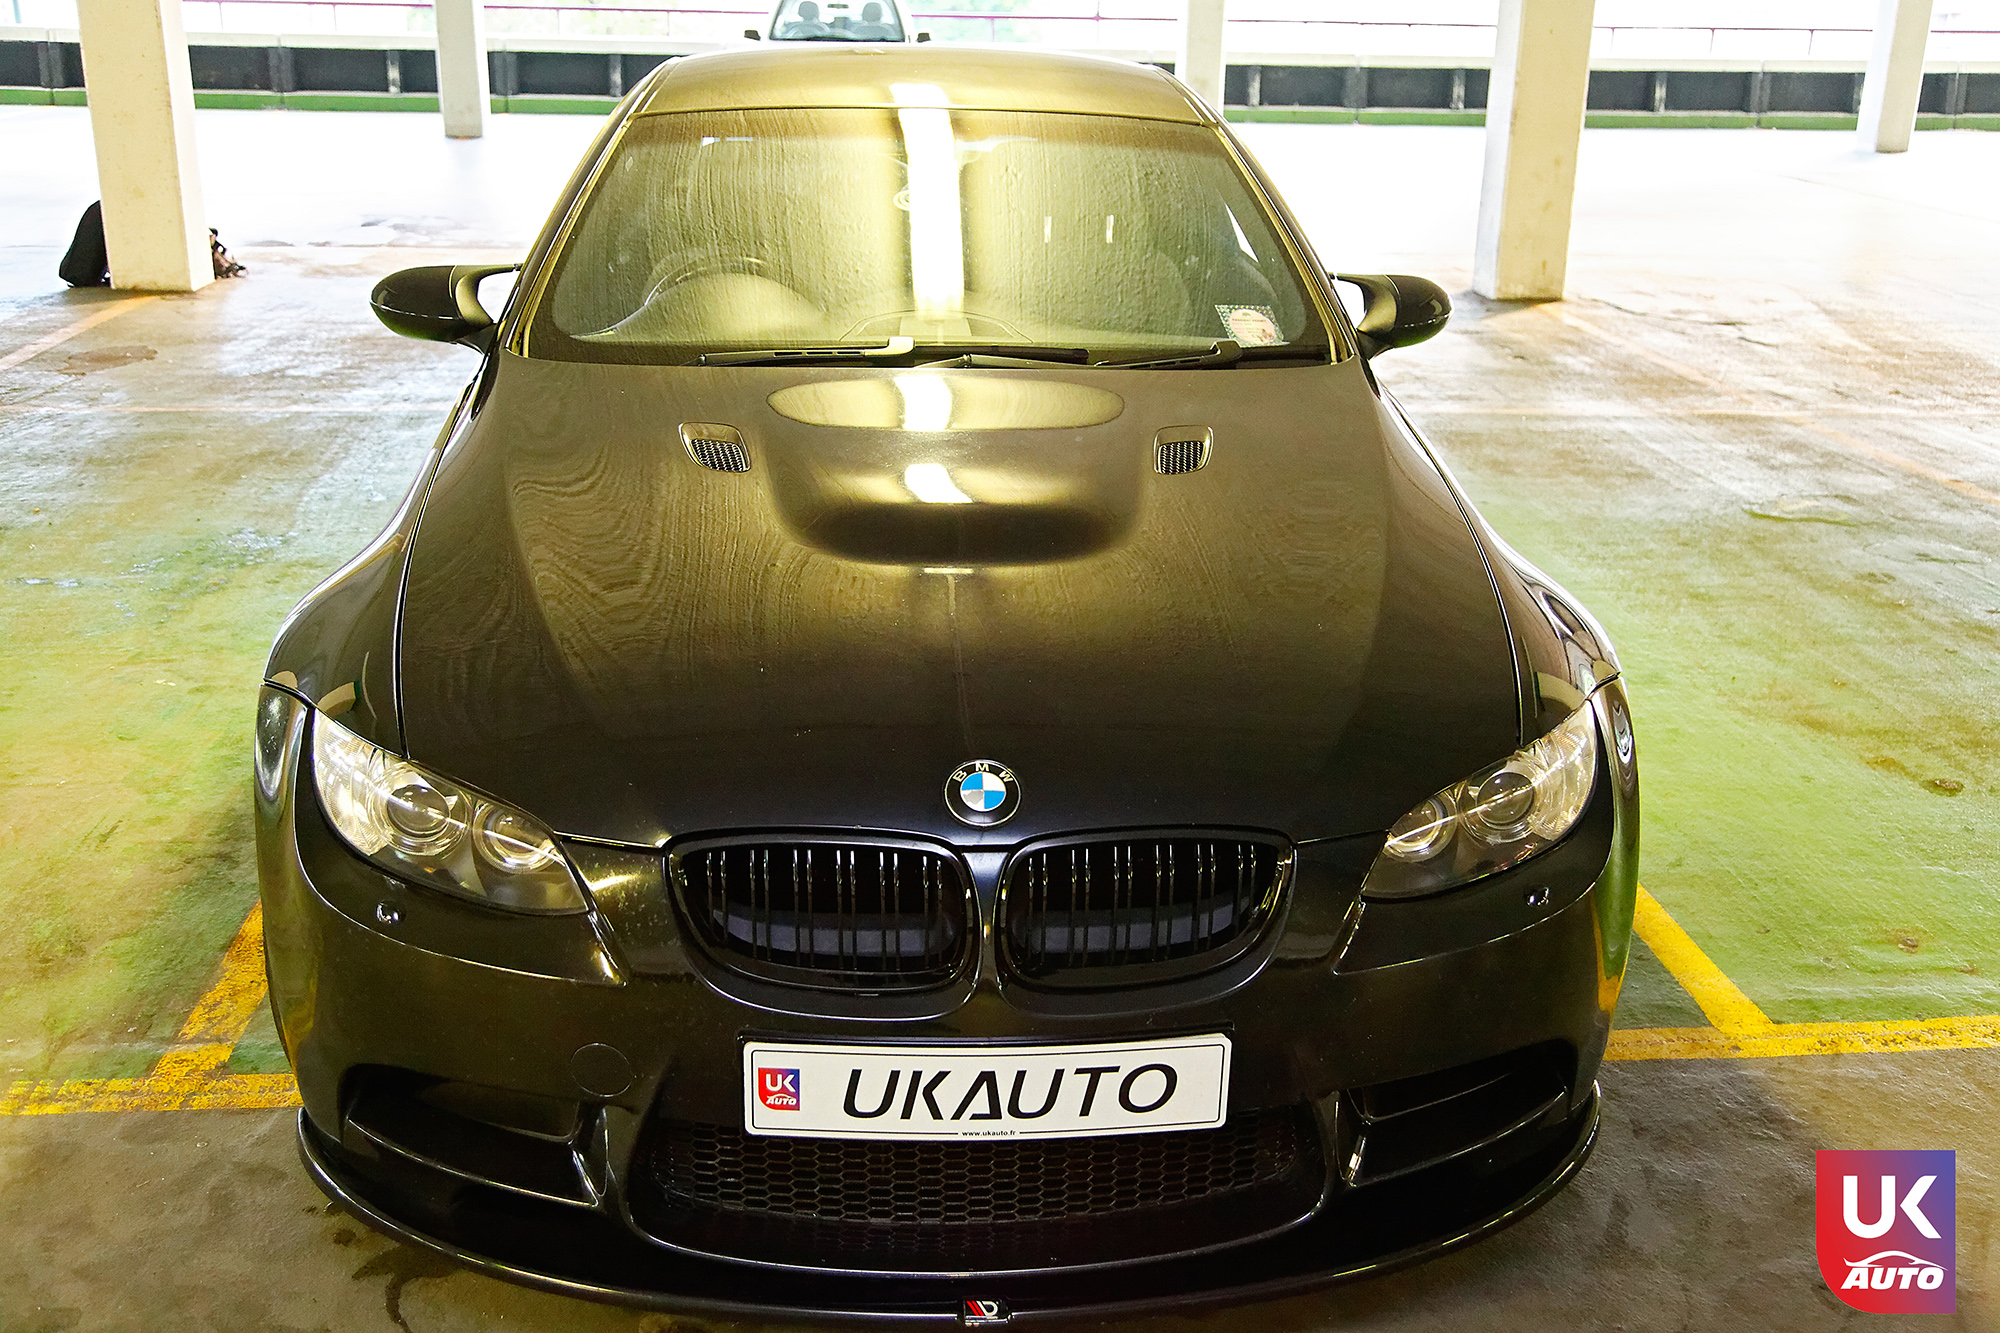 BMW m3 rhd ukauto importer voiture angleterre uk3 - Felecitation a Sylvain Pour cette BMW M3 E92 RHD pour avoir acheter une voiture en angleterre avant le brexit